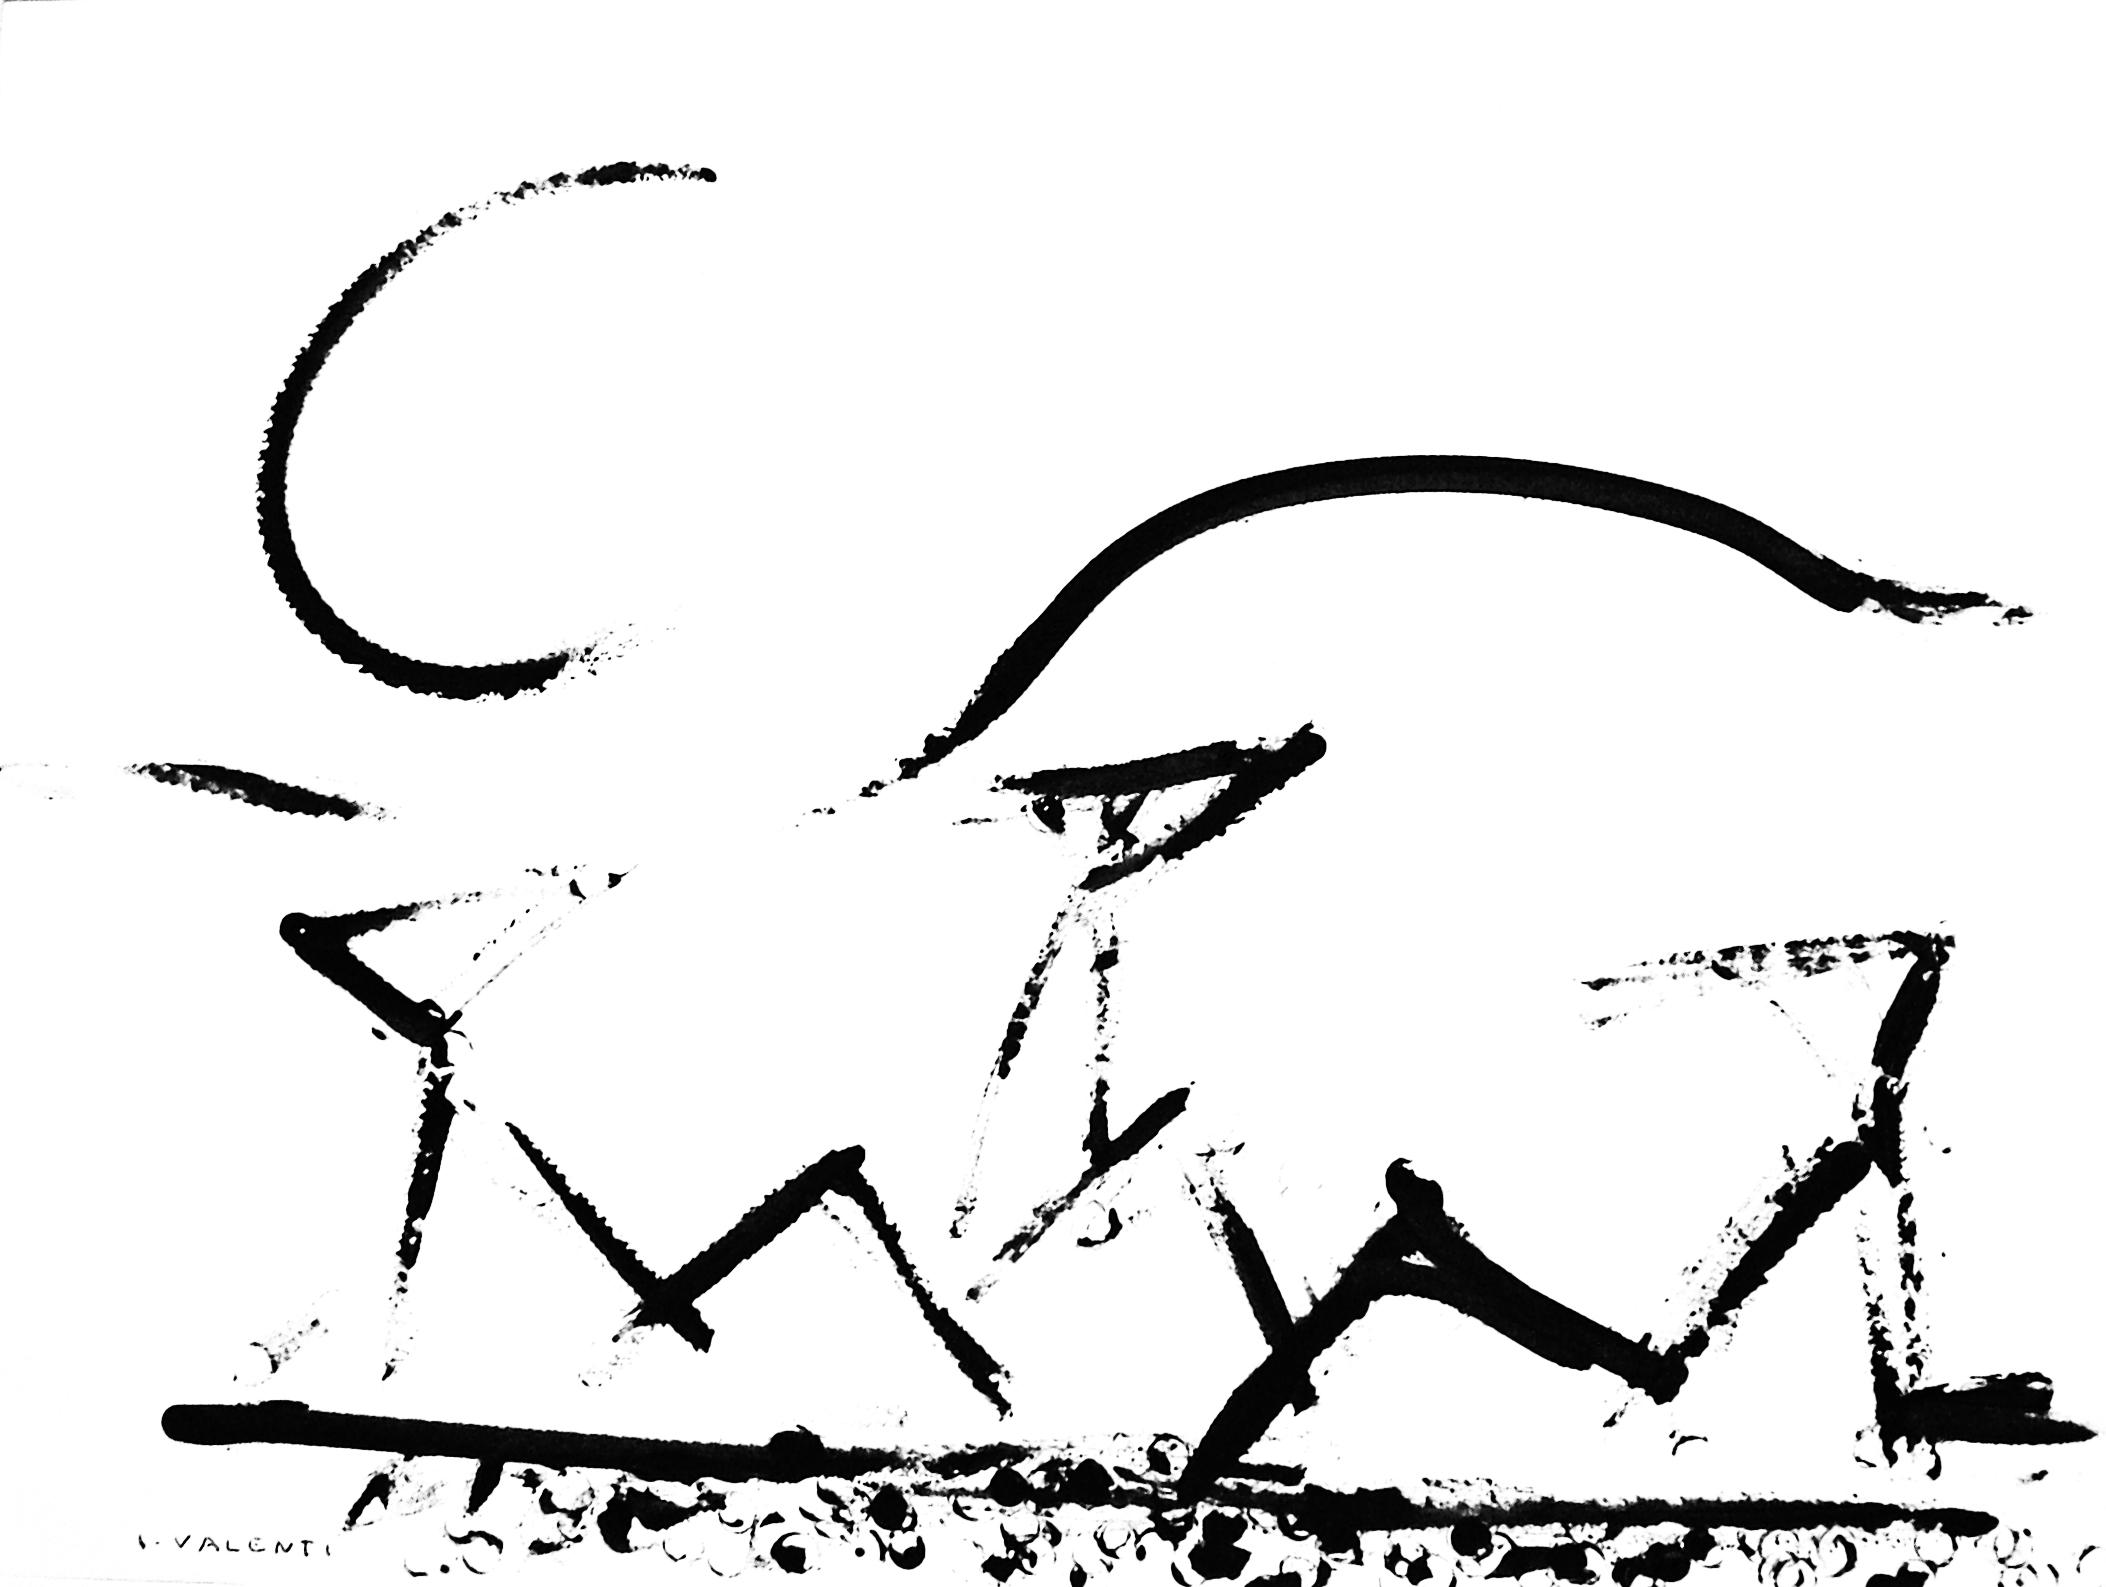 Maghe 1983 cm 29.5x42 Inchiostro di china su carta.jpg